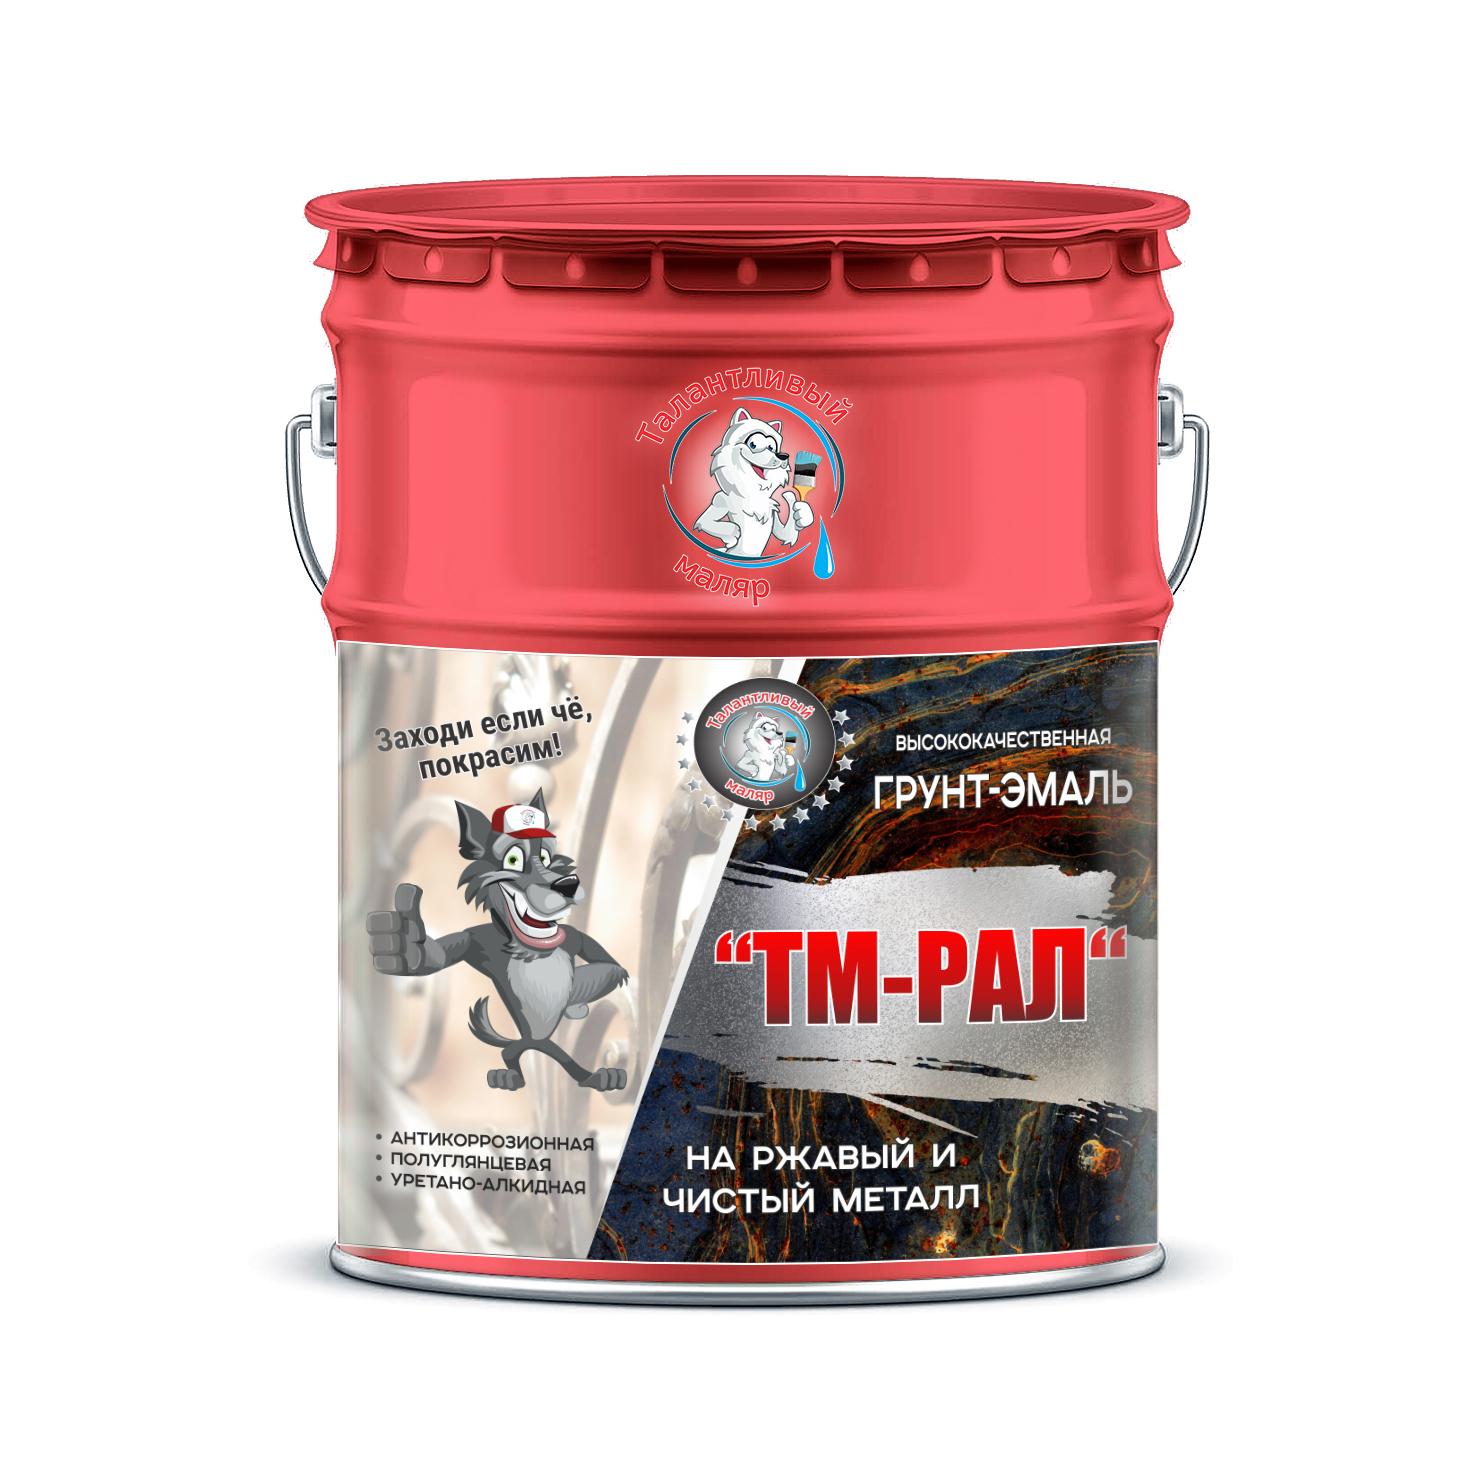 """Фото 2 - TM3001 Грунт-Эмаль """"ТМ РАЛ"""" уретано-алкидная 3 в 1 цвет RAL 3001 Сигнальный-красный, антикоррозионная,  полуглянцевая для черных металлов, 20 кг """"Талантливый маляр""""."""